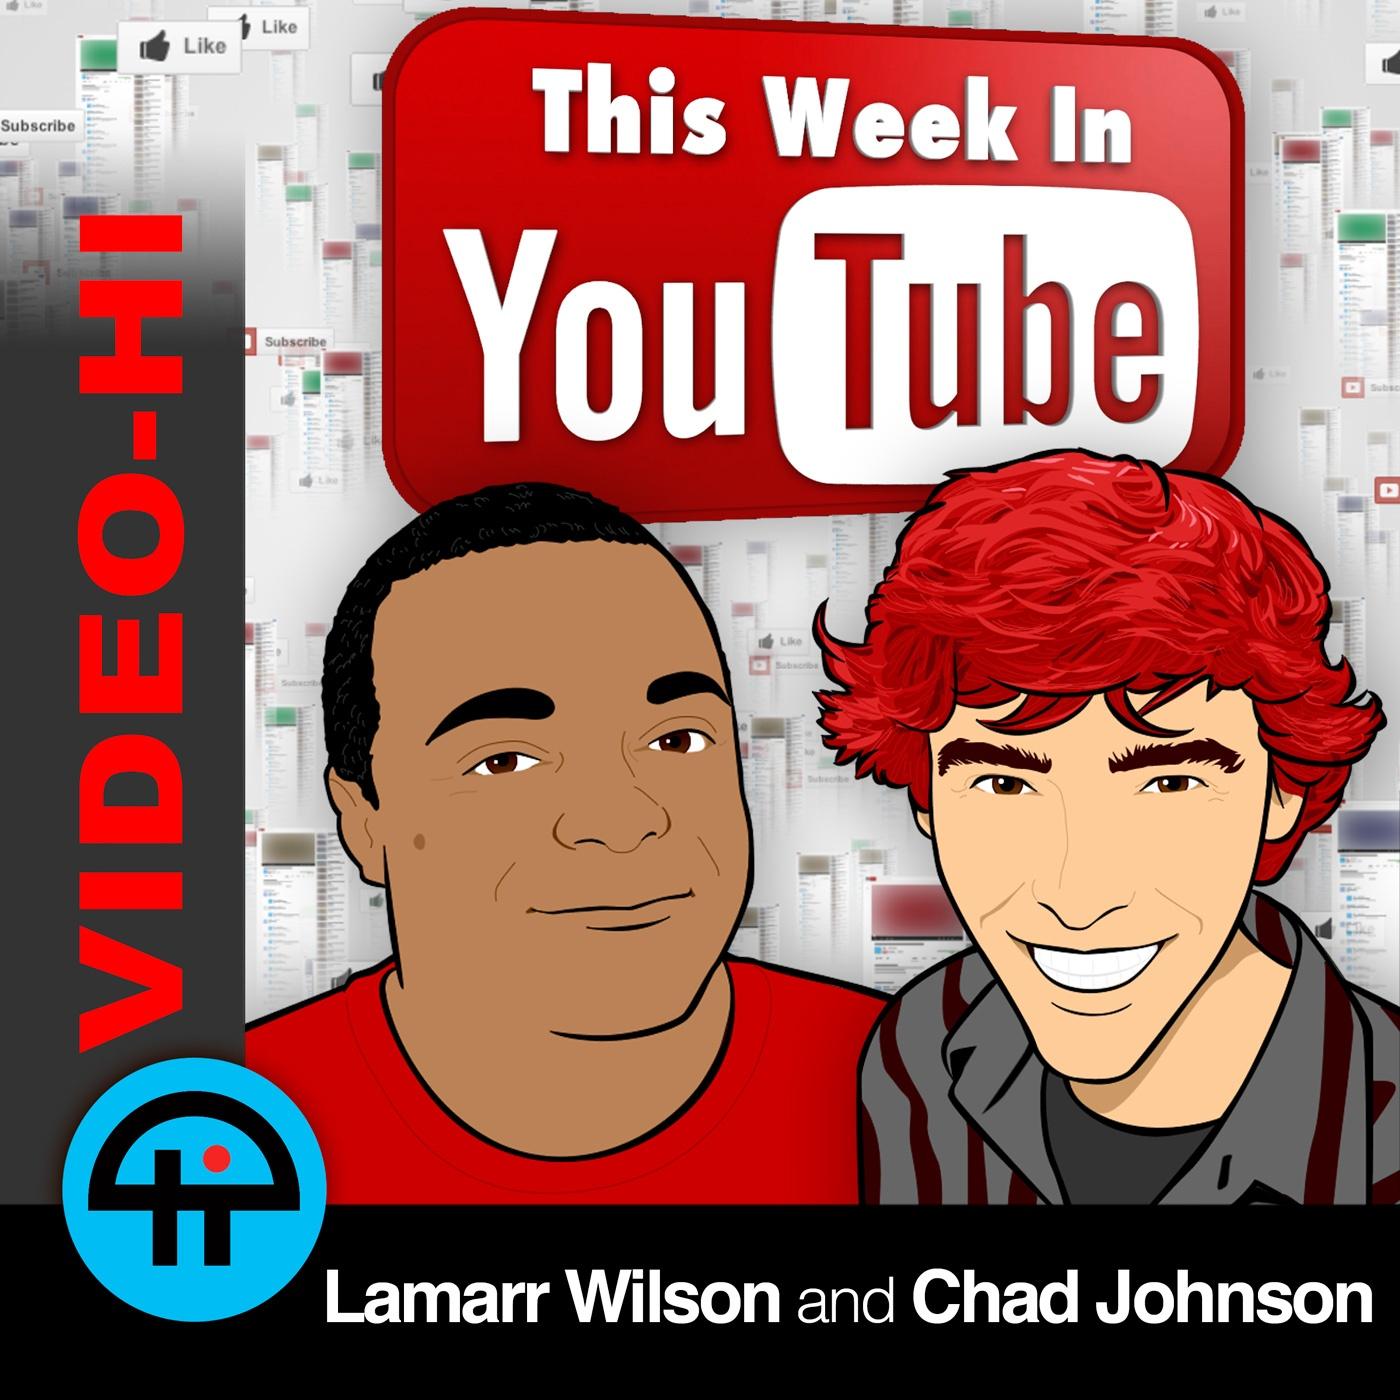 This Week in YouTube (Video-HI)